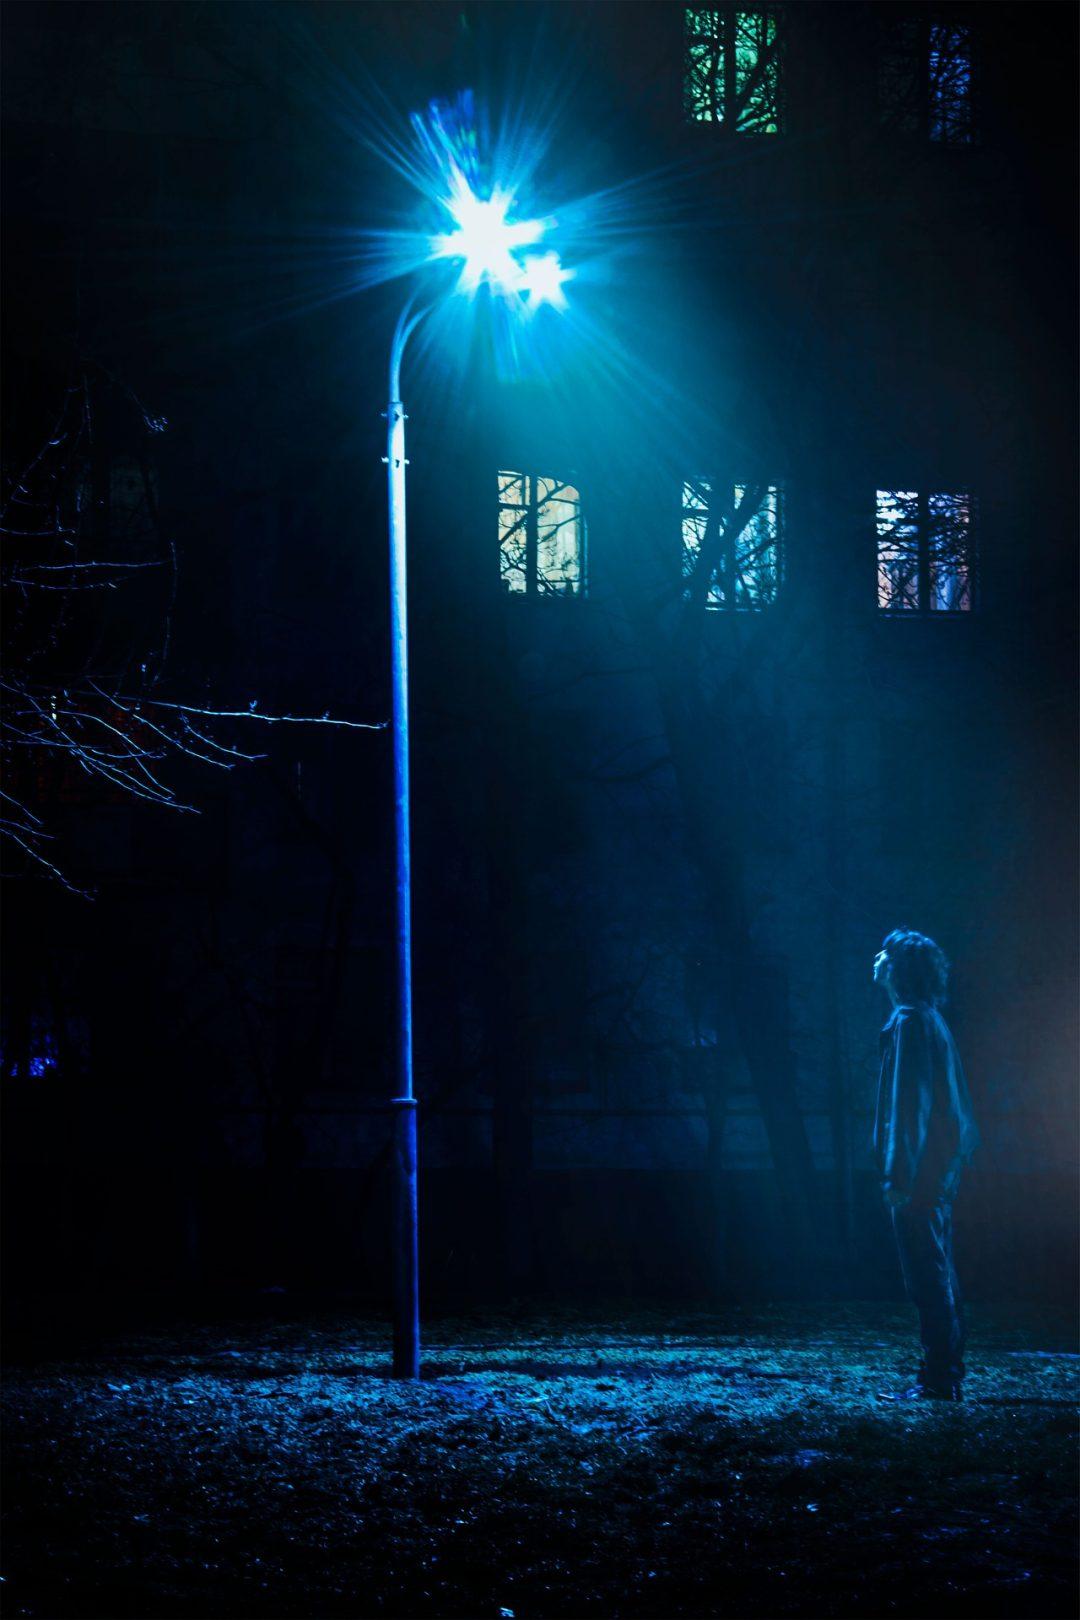 Boy Watching Street Light Wallpaper At Winter Night - Boy In Street Light - HD Wallpaper